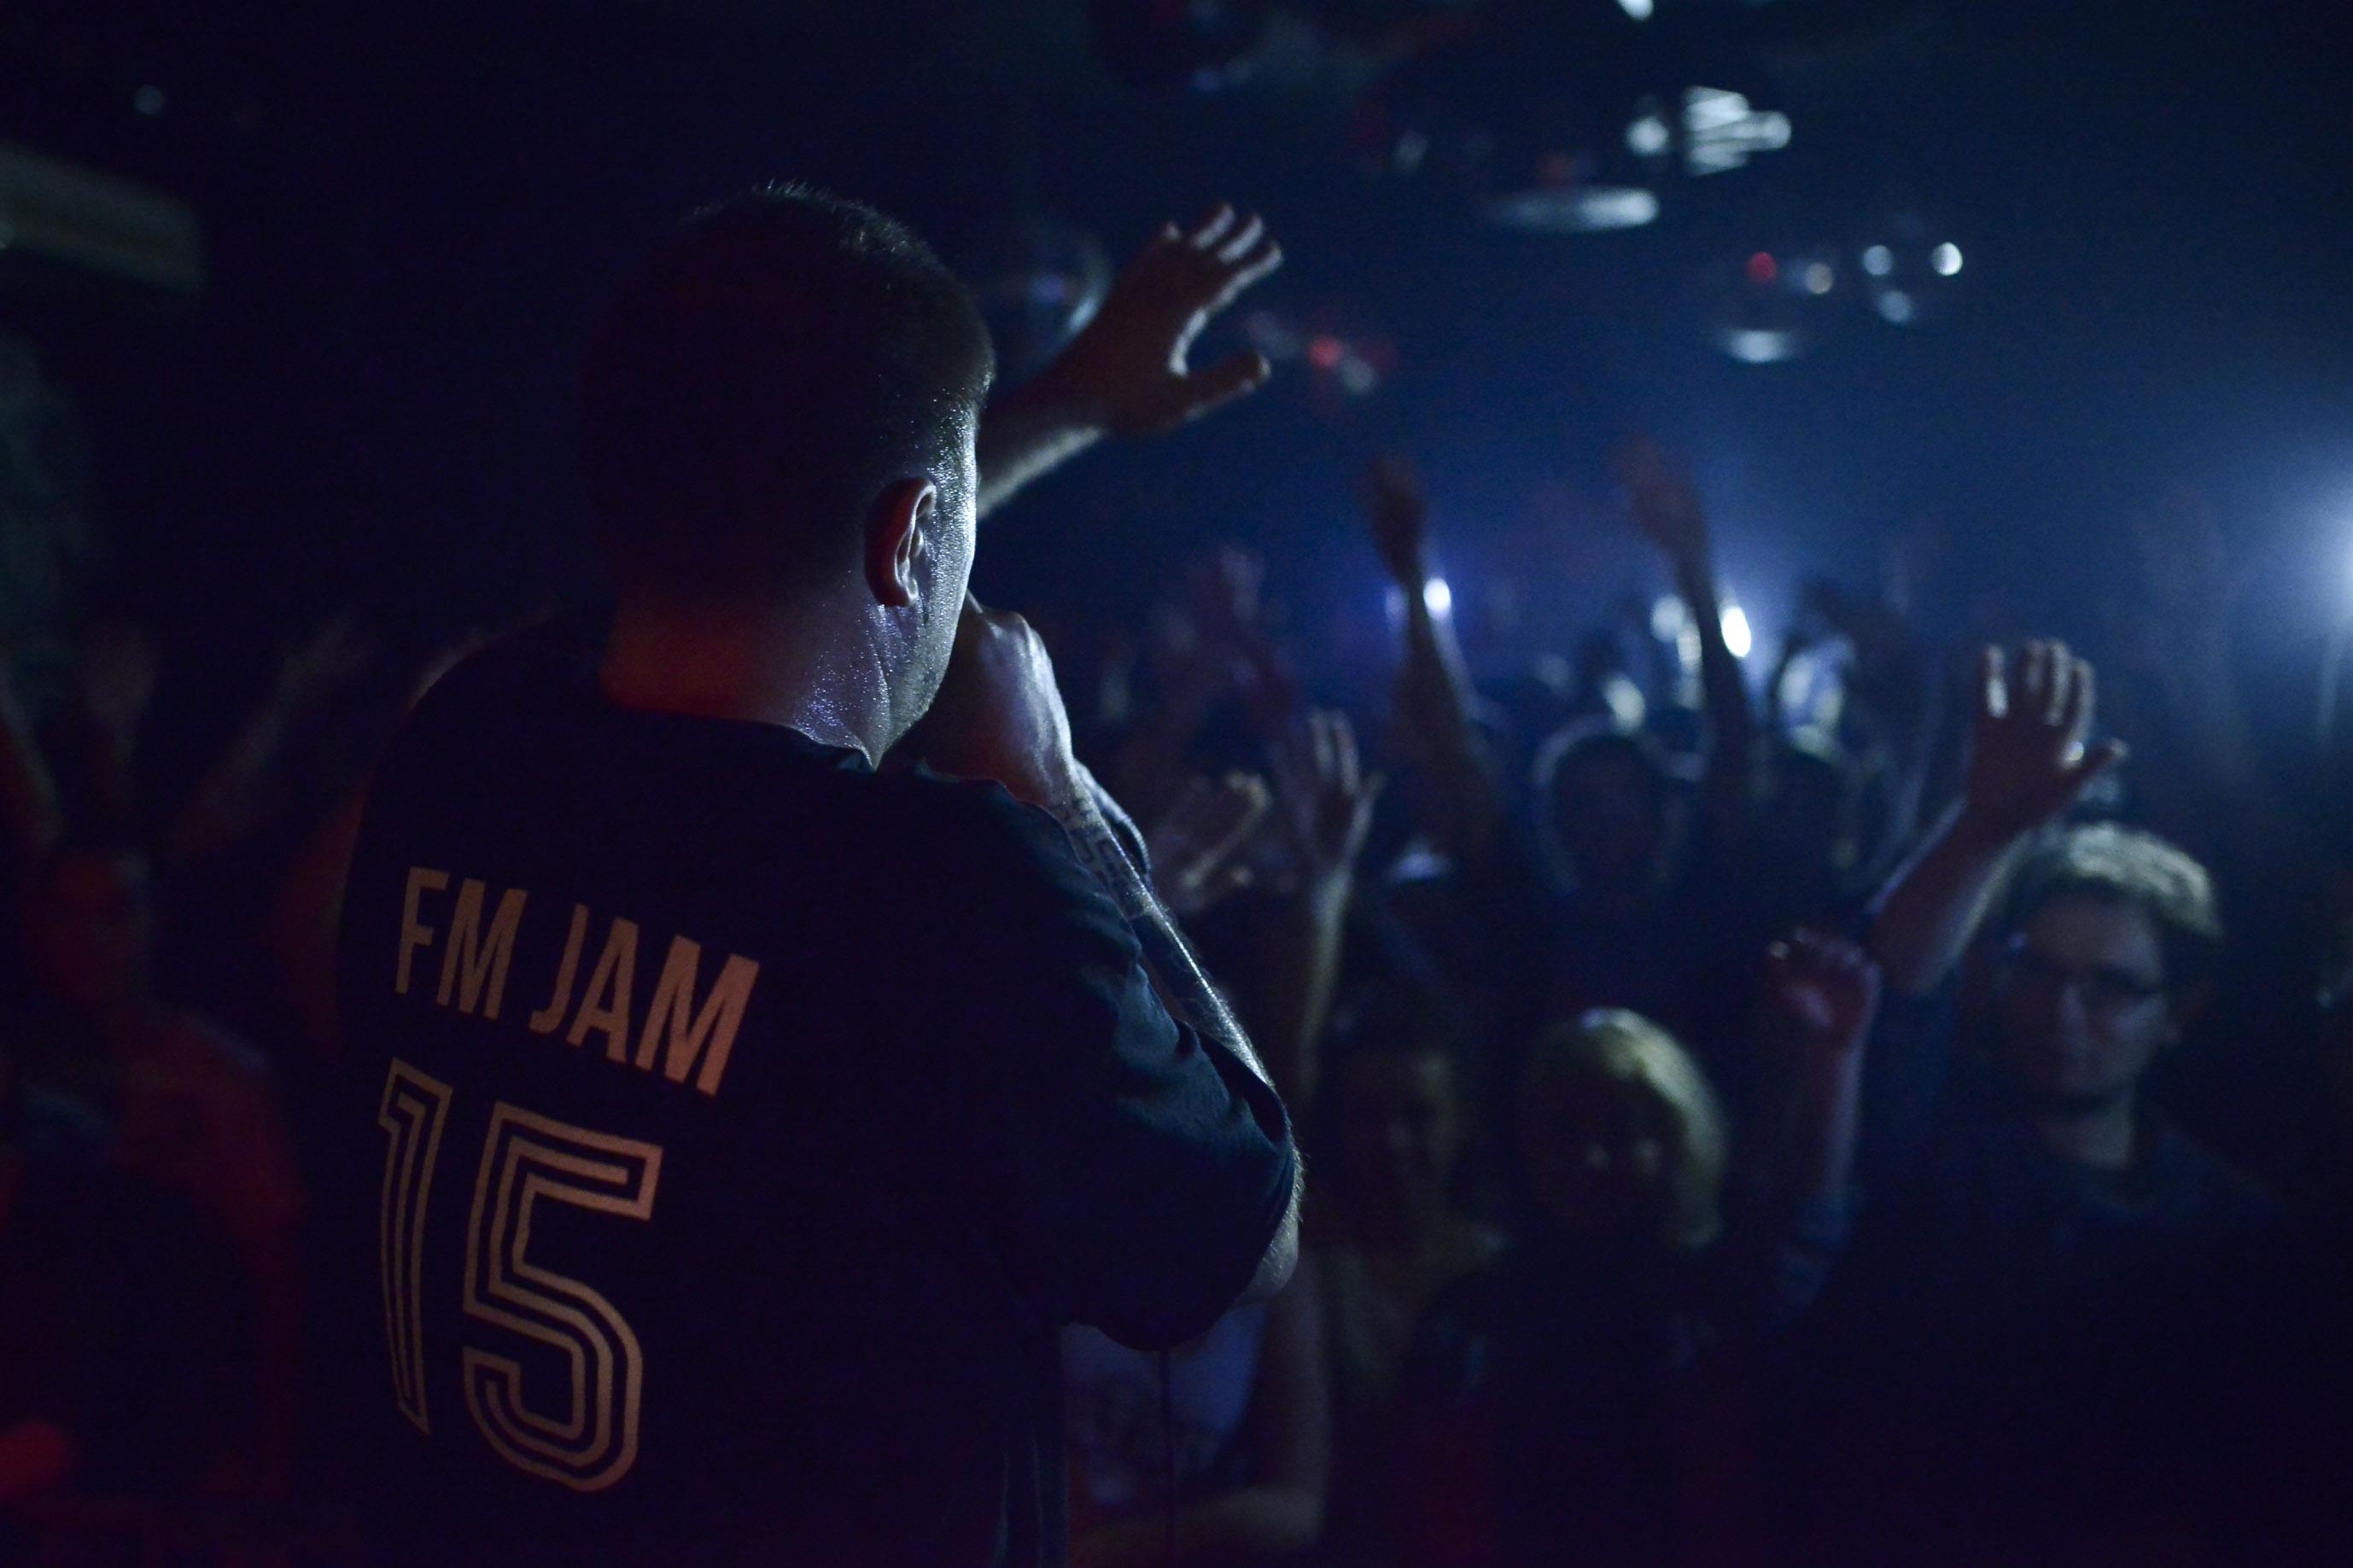 Fm Jam 15